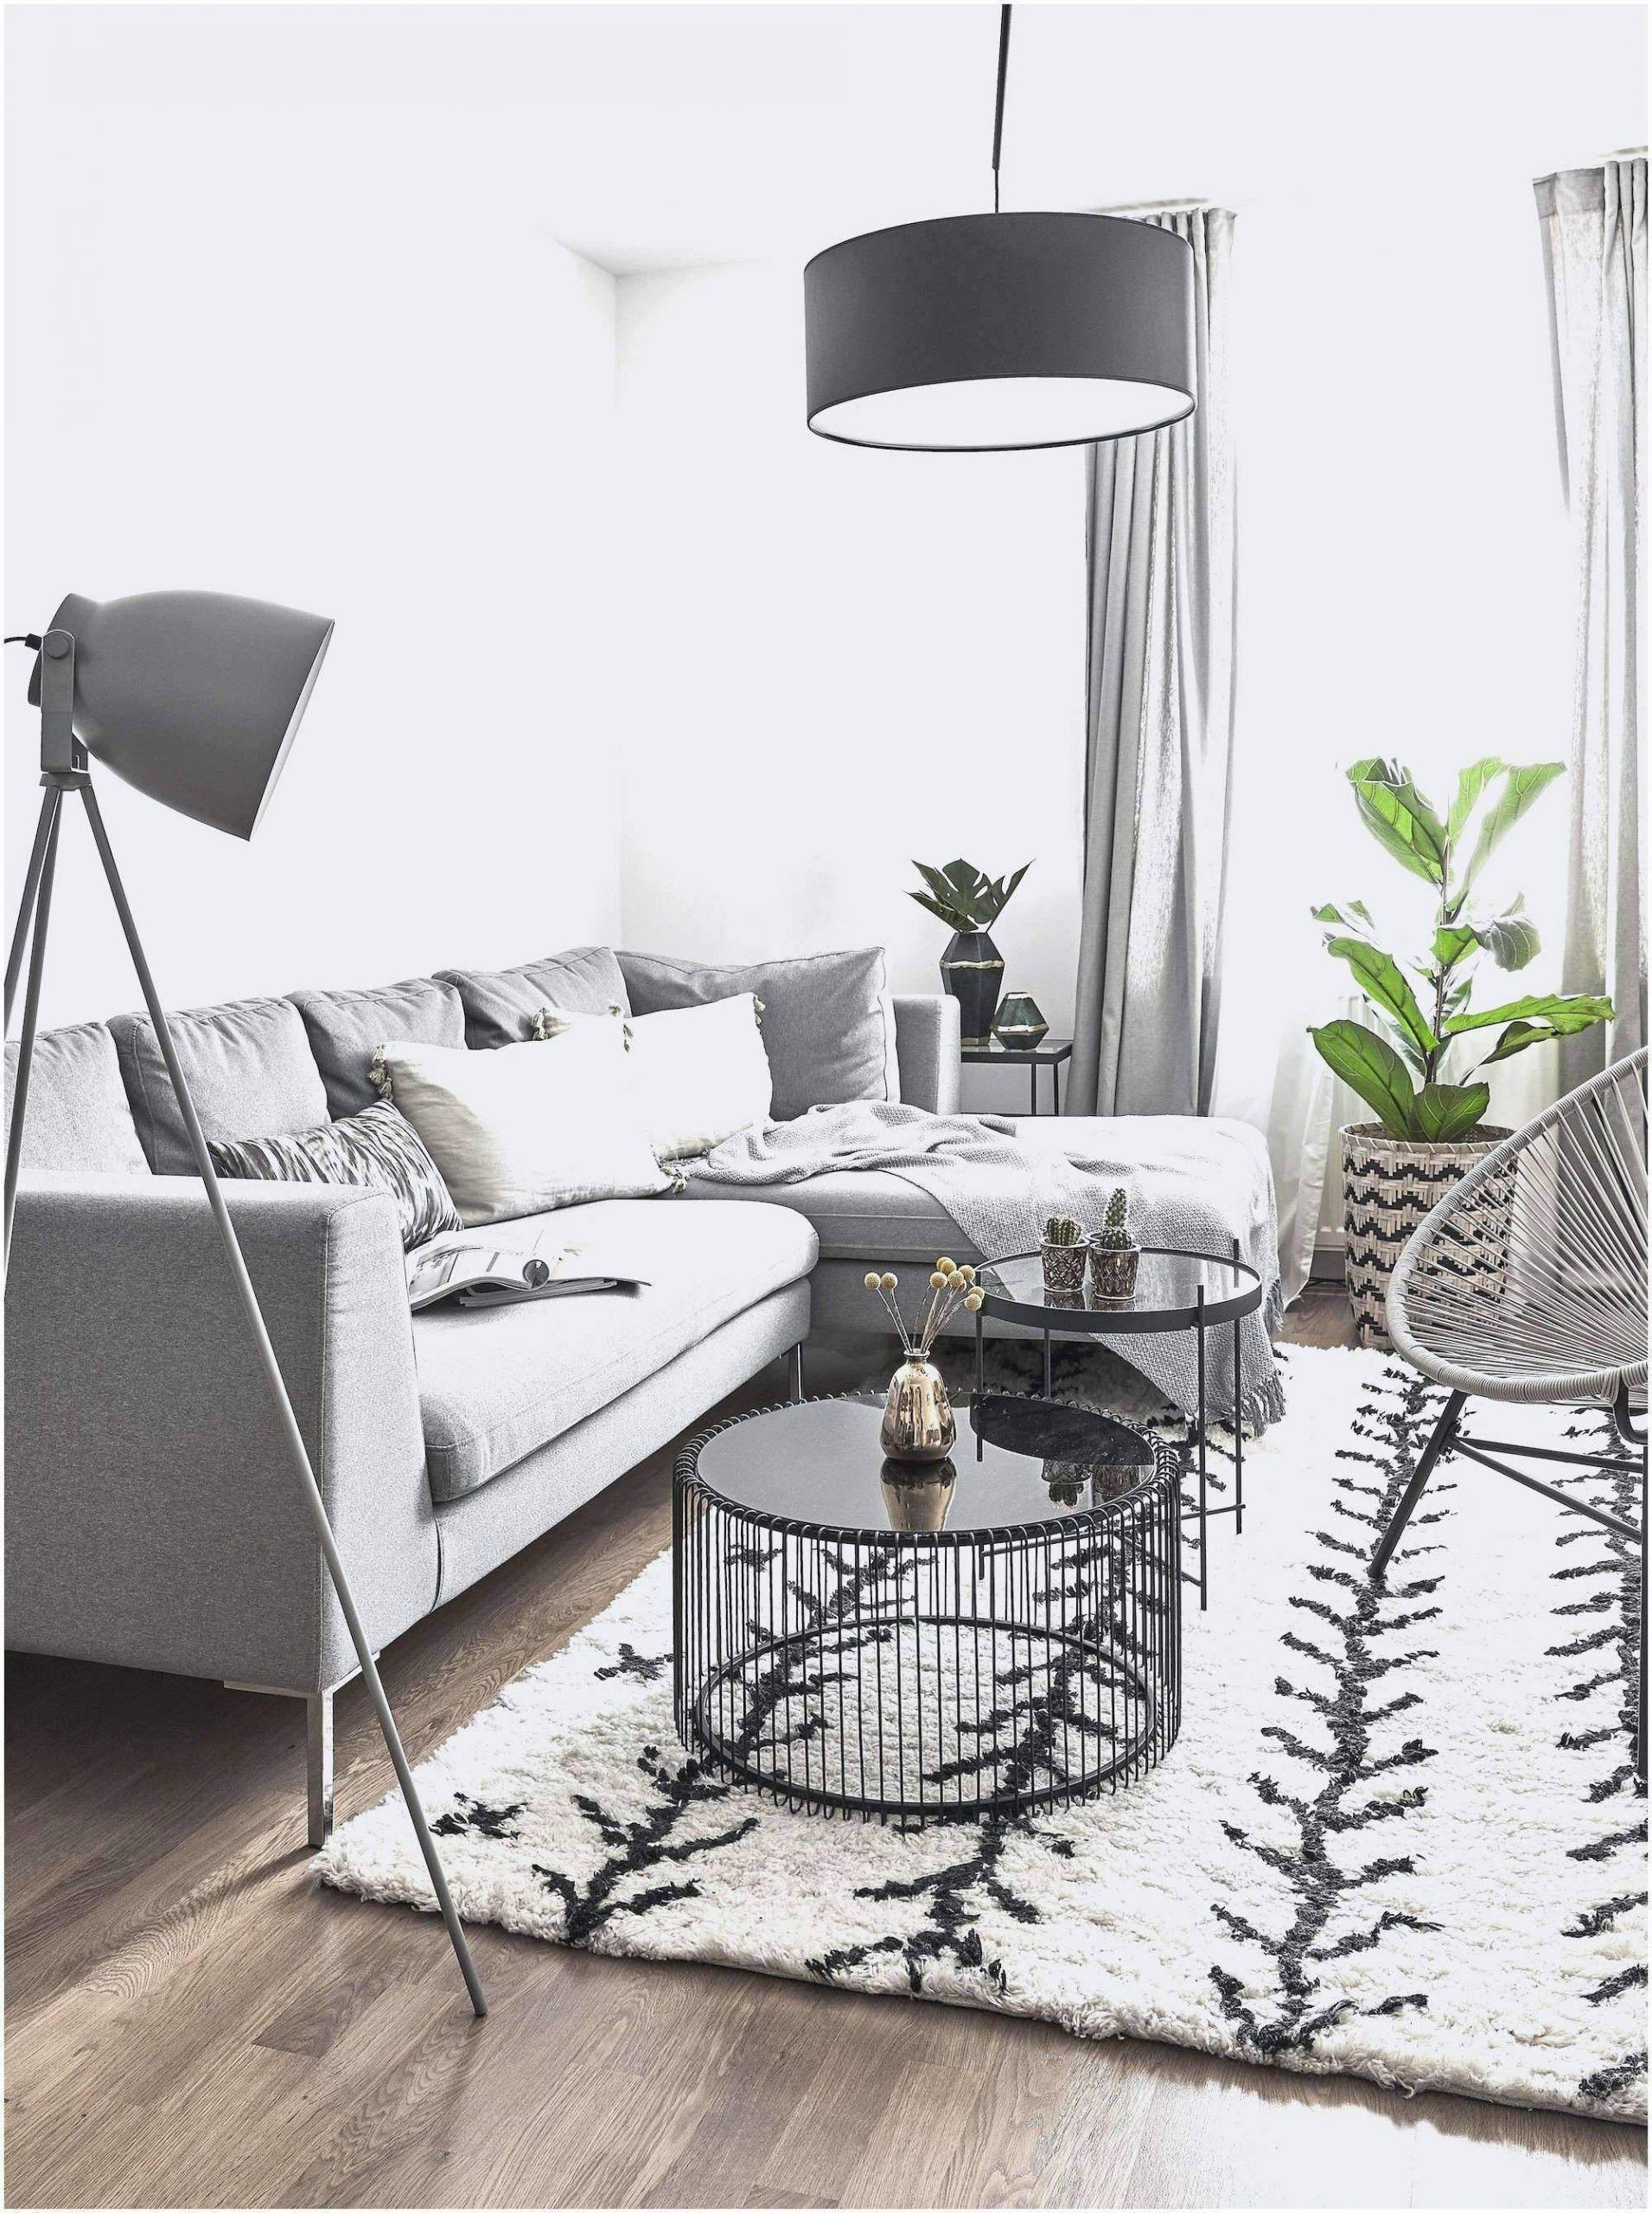 Full Size of Relaxliege Wohnzimmer Ikea Küche Kaufen Board Decke Liege Gardinen Für Fototapete Landhausstil Miniküche Sessel Indirekte Beleuchtung Hängeschrank Weiß Wohnzimmer Relaxliege Wohnzimmer Ikea